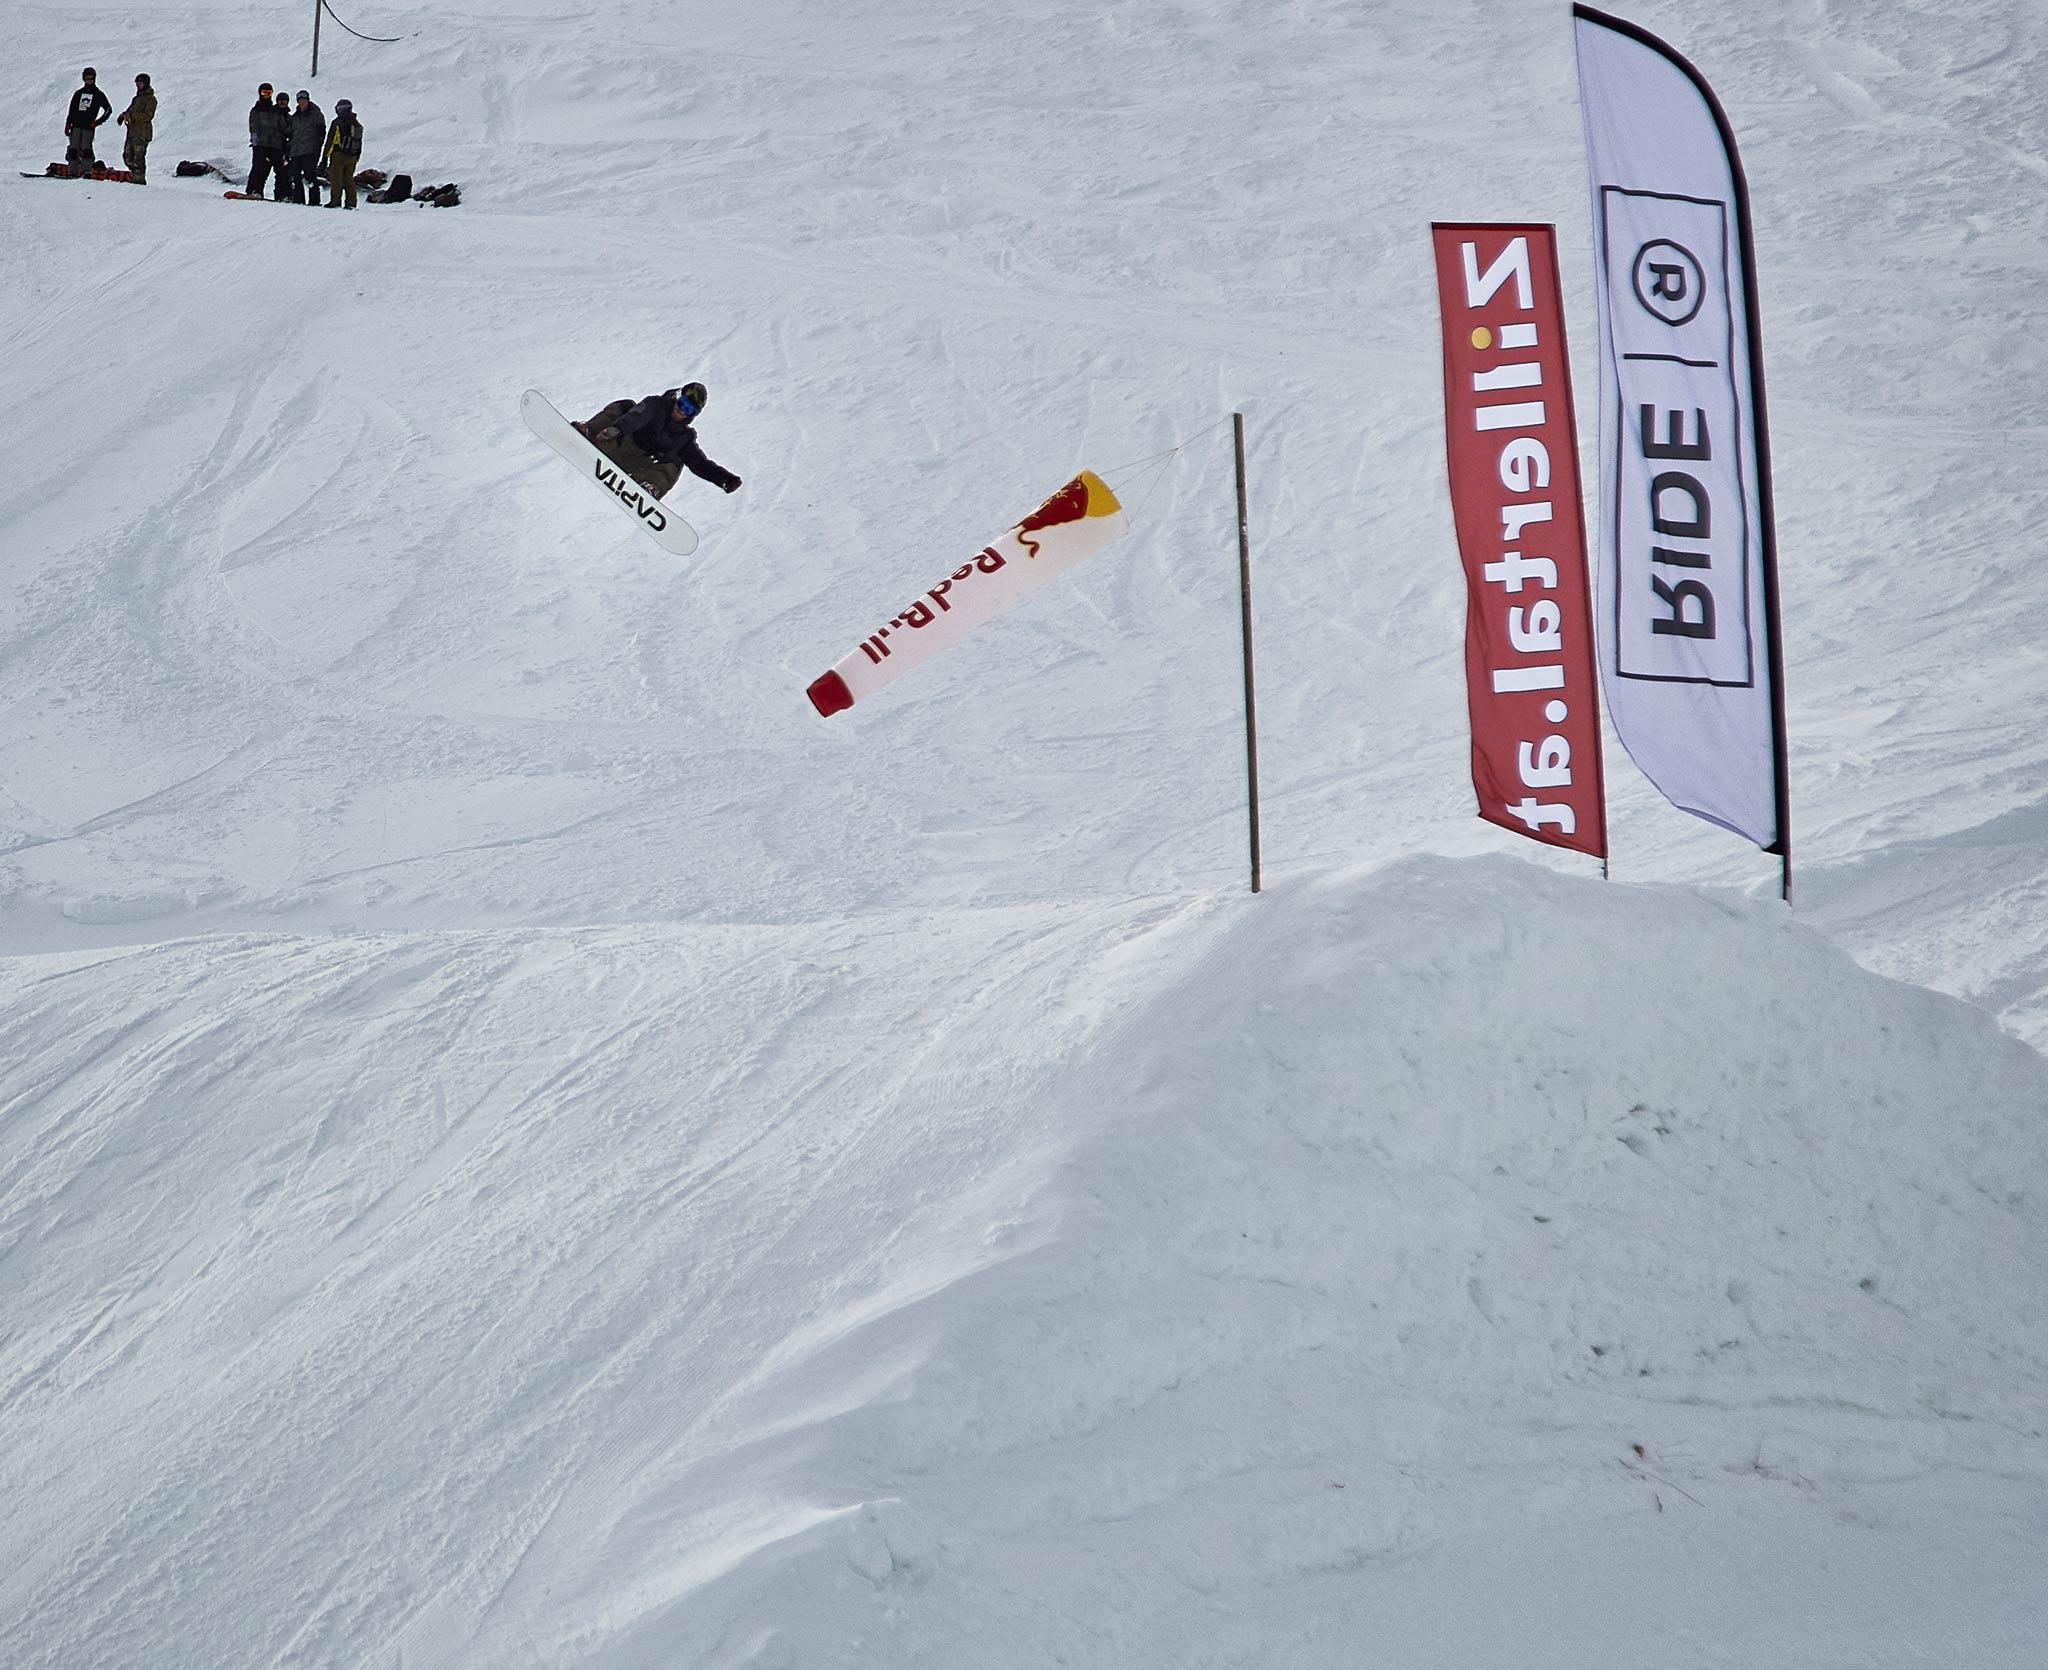 Mit dem ersten Contest in Hochzillertal-Kaltenbach ist die Jagd nach den Gesamtpunkten eröffnet - Foto: Gustav Ohlsson